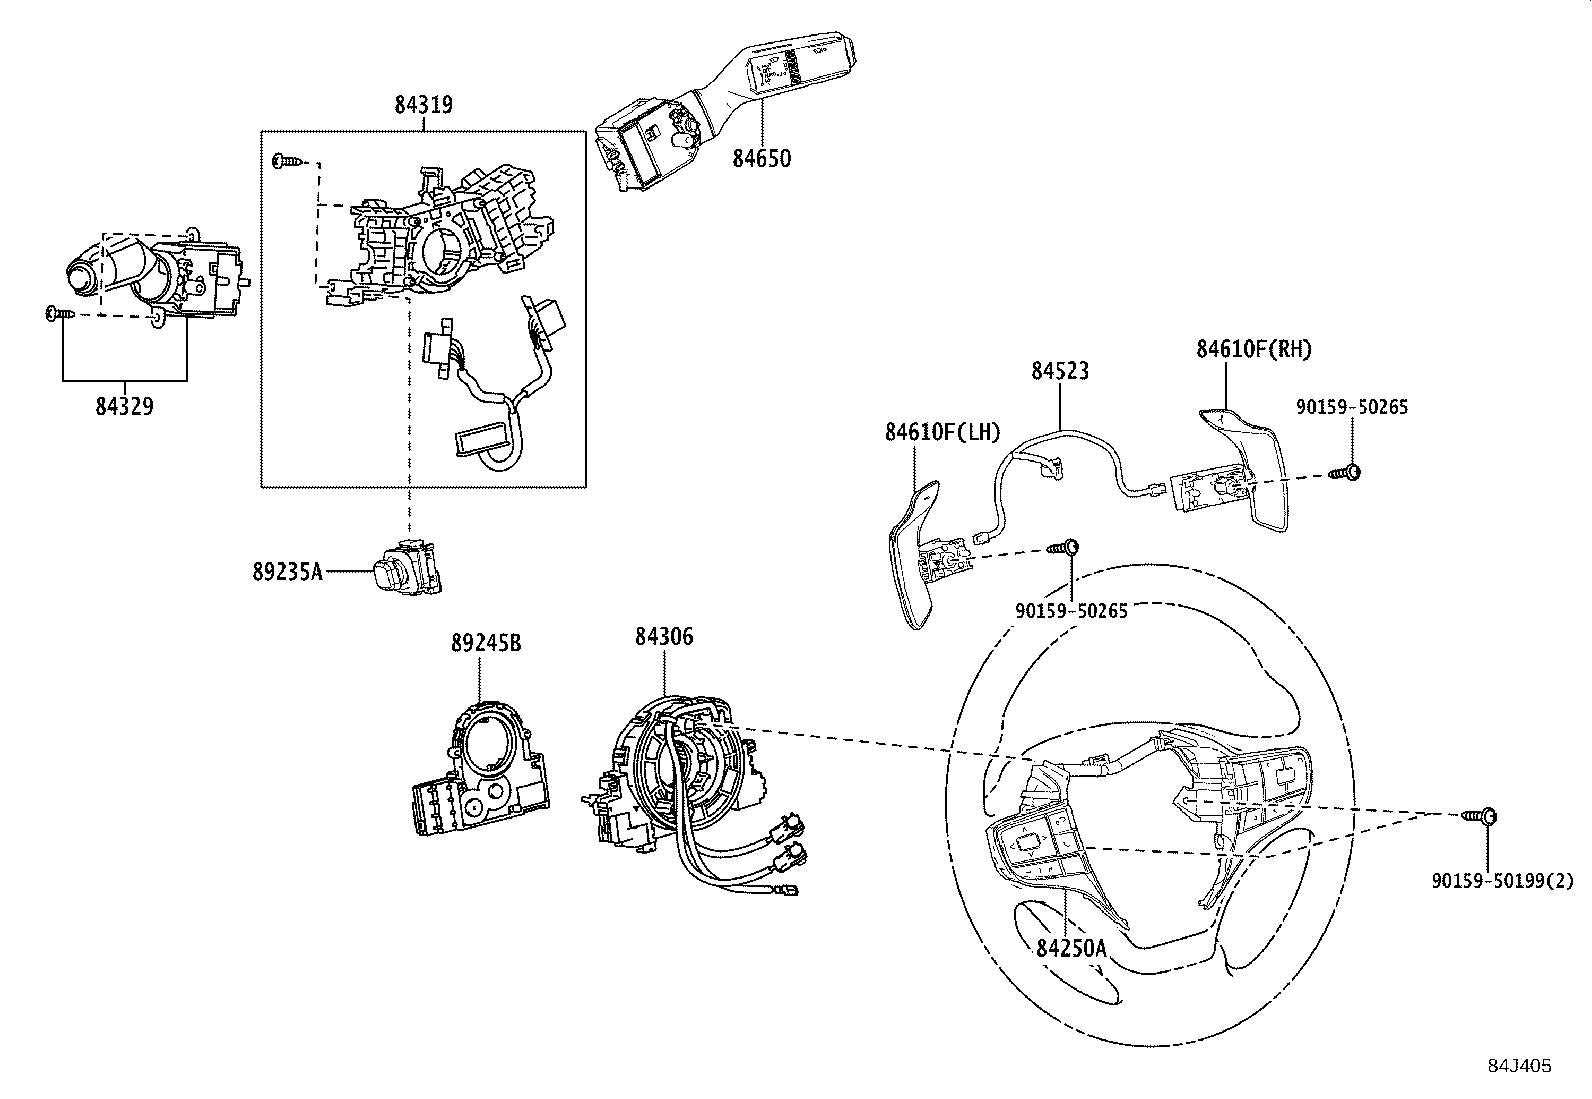 2008 Lexus Gps navigation control module. Engine, door